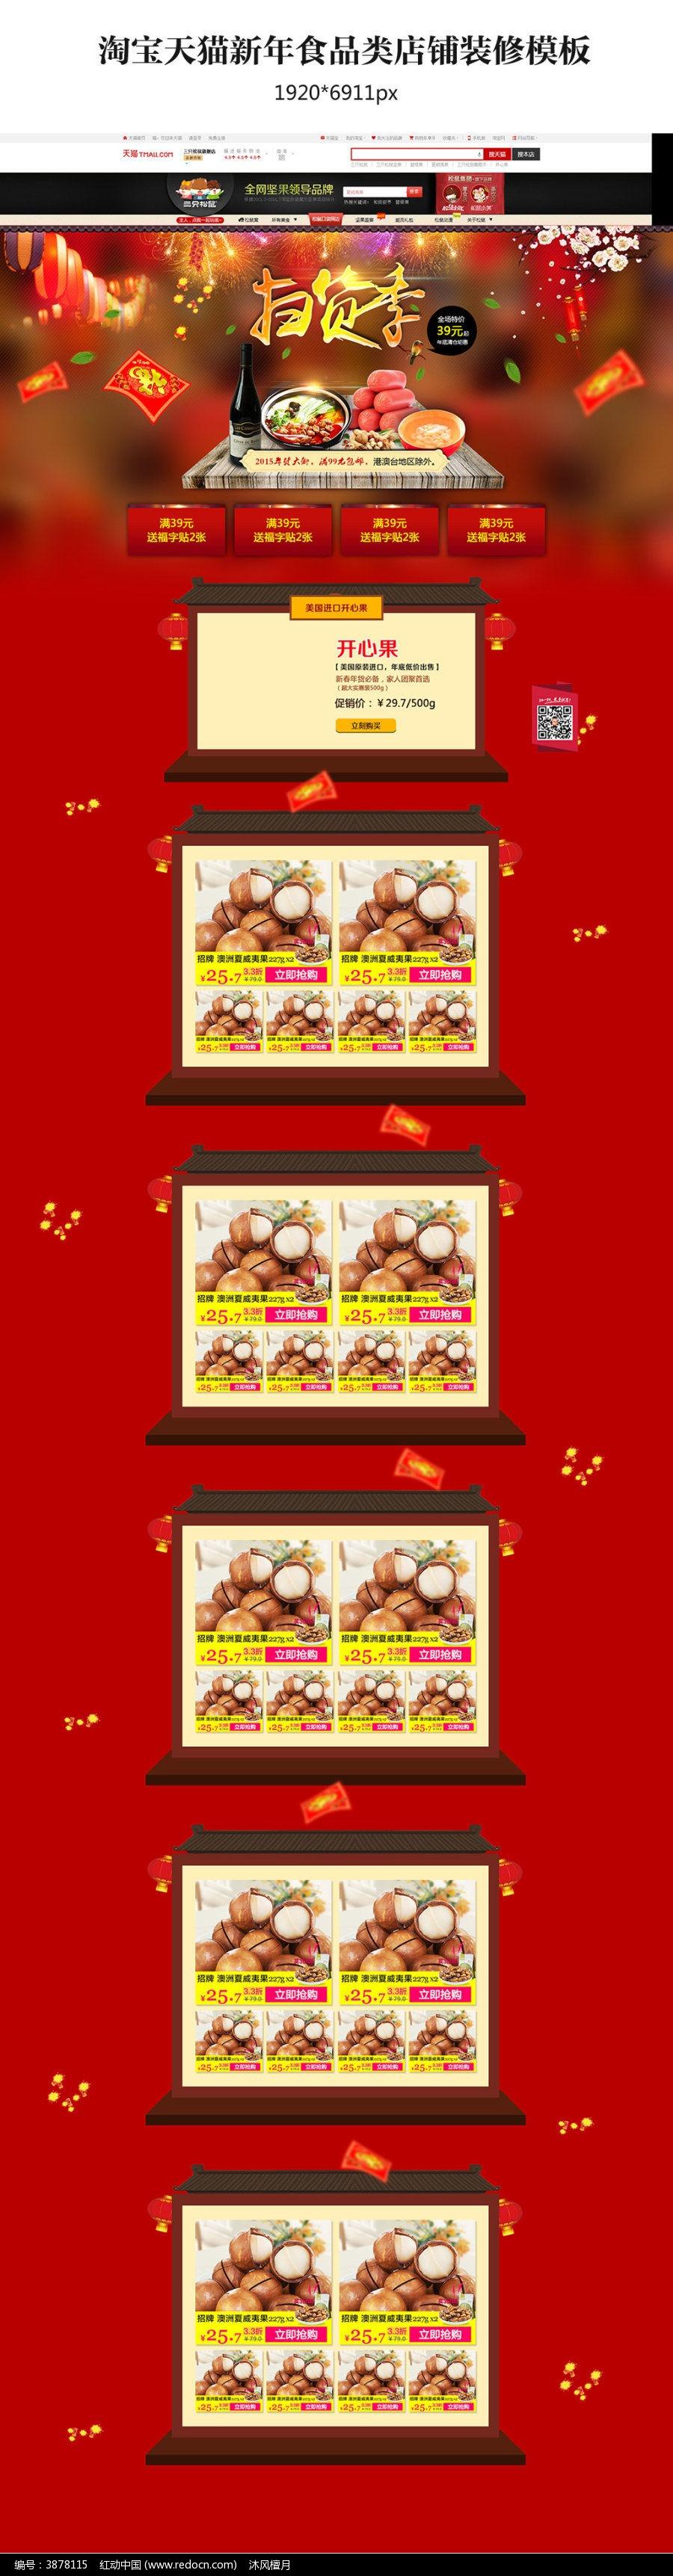 淘宝天猫店铺新年食品装修模板